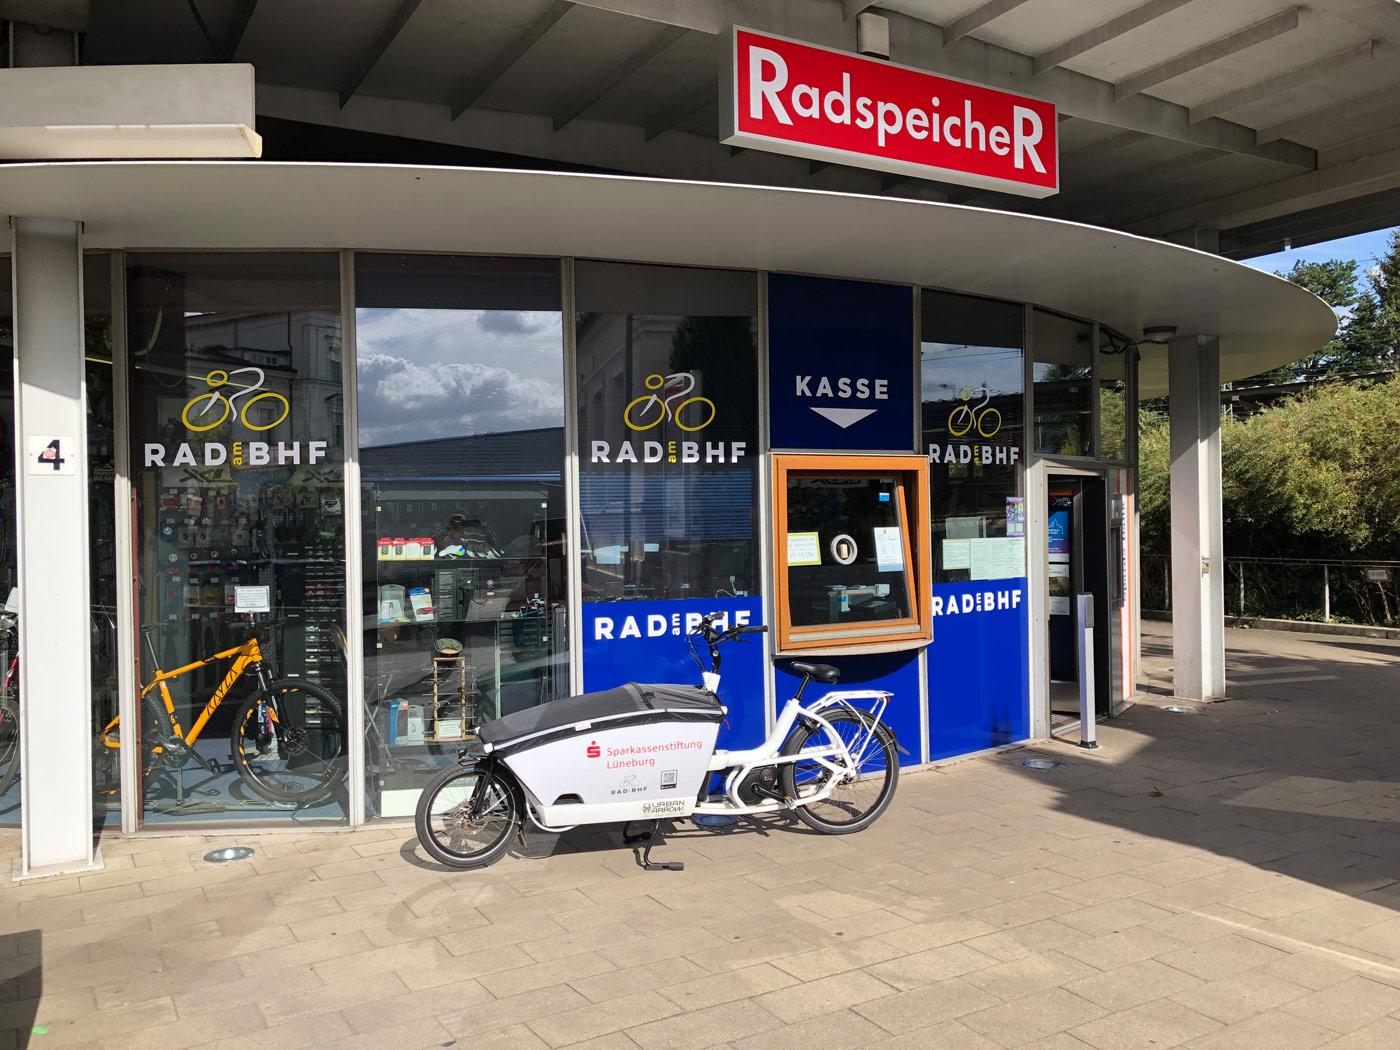 Radspeicher Lüneburg